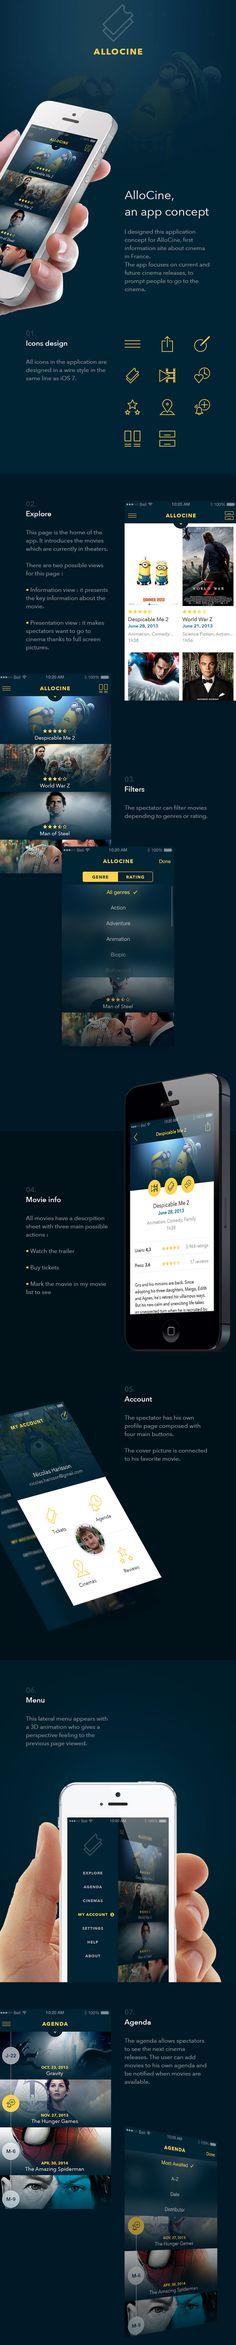 Movie mobile app design #mobile #ui #webdesign #layout #design